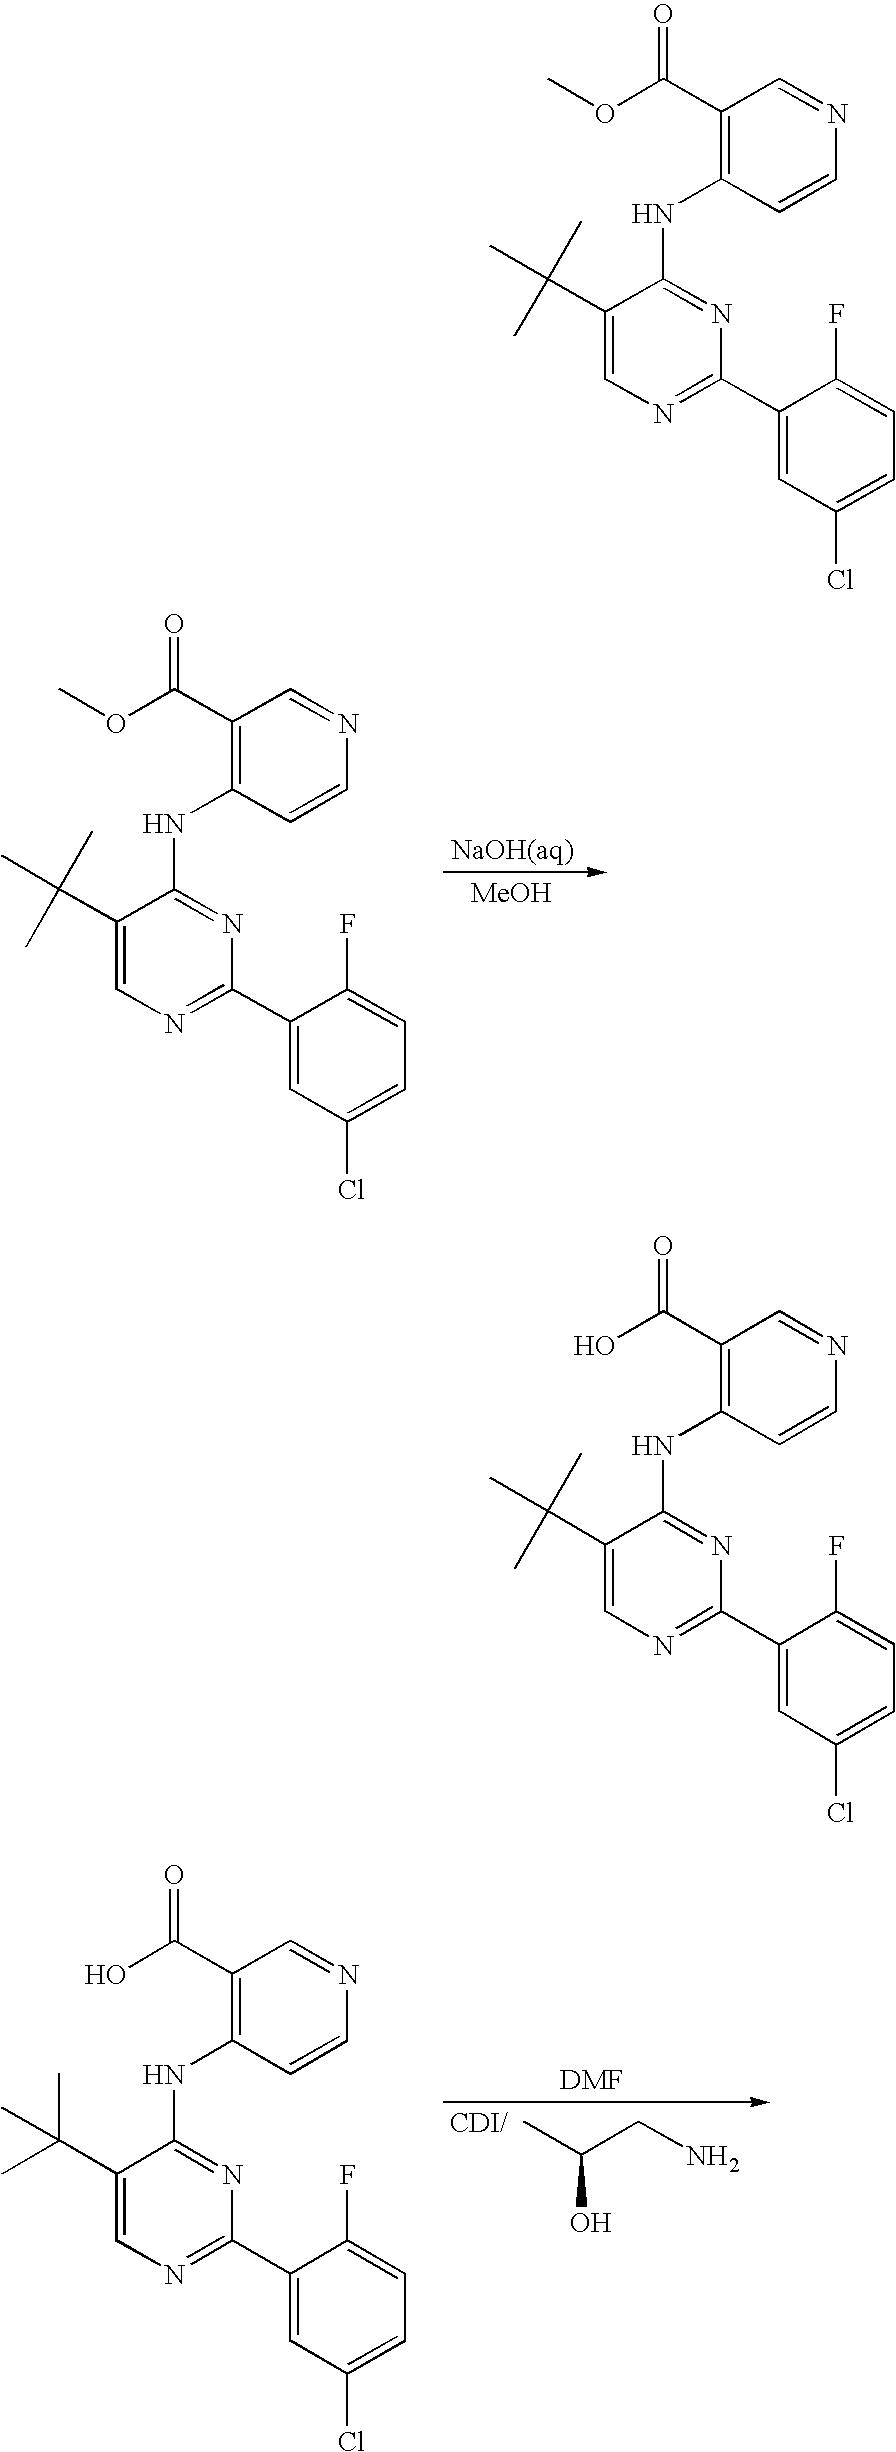 Figure US20060281763A1-20061214-C00016